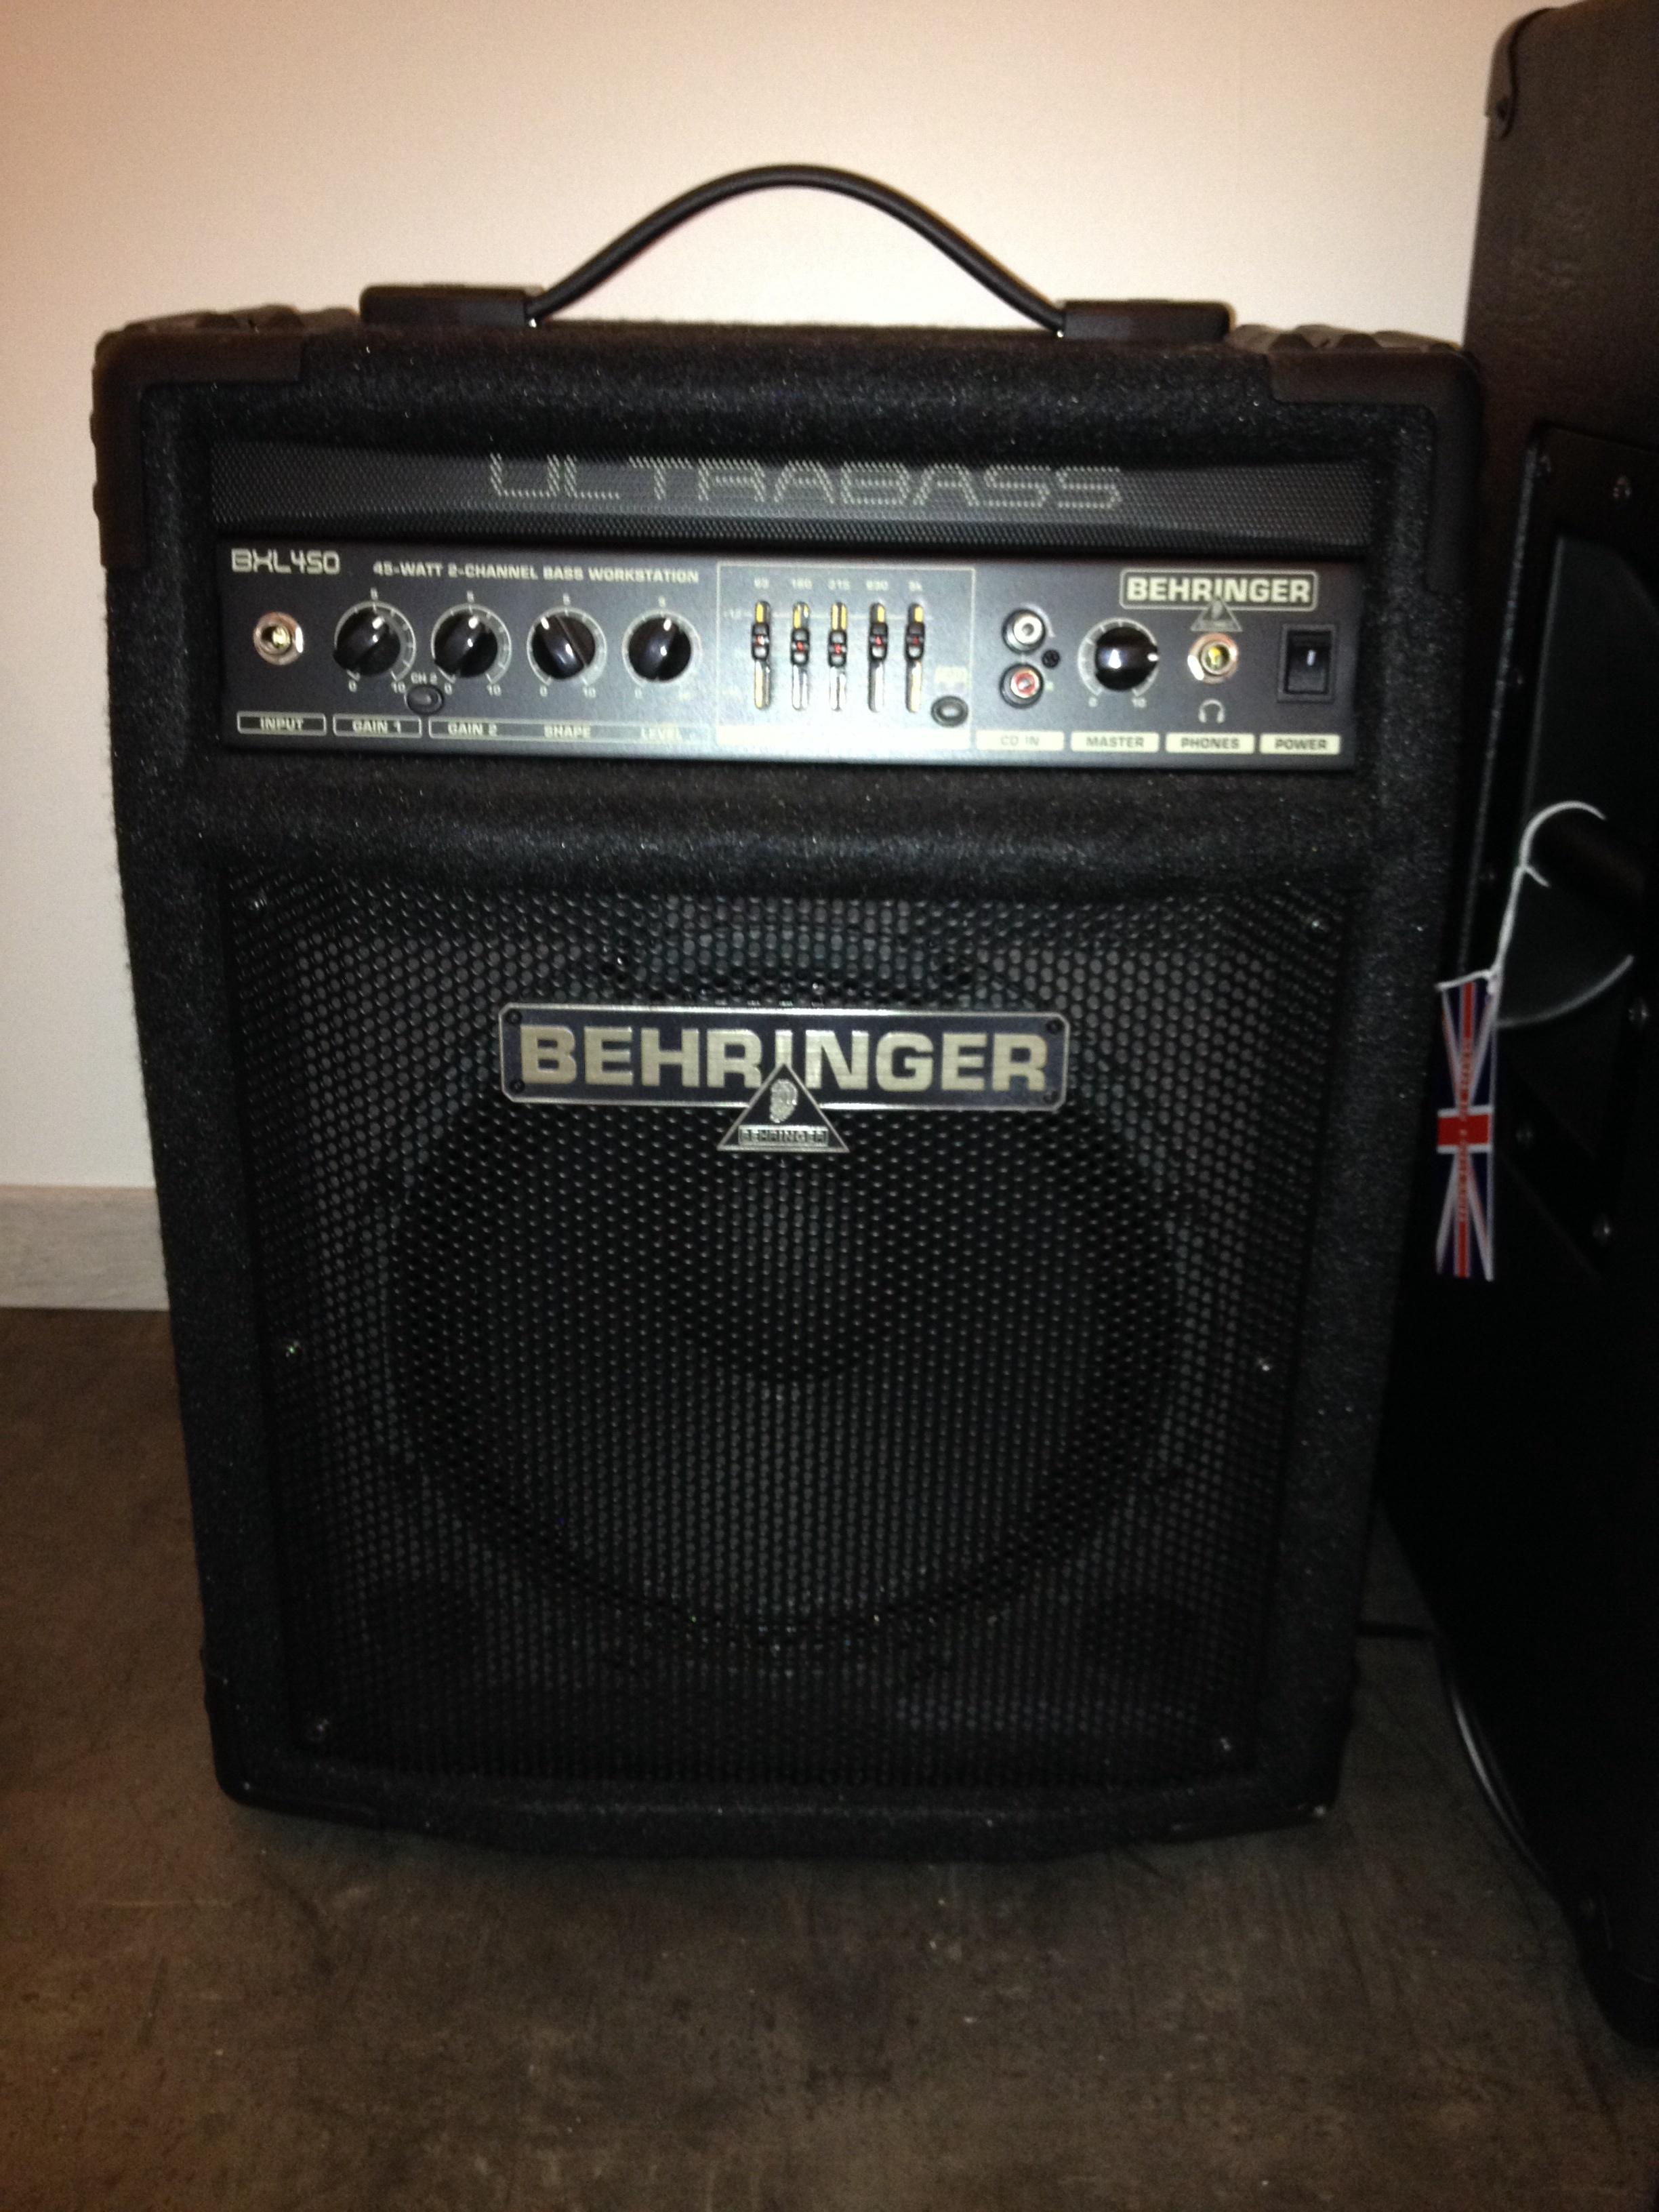 Behringer Ultrabass Bxl450 Image 782147 Audiofanzine